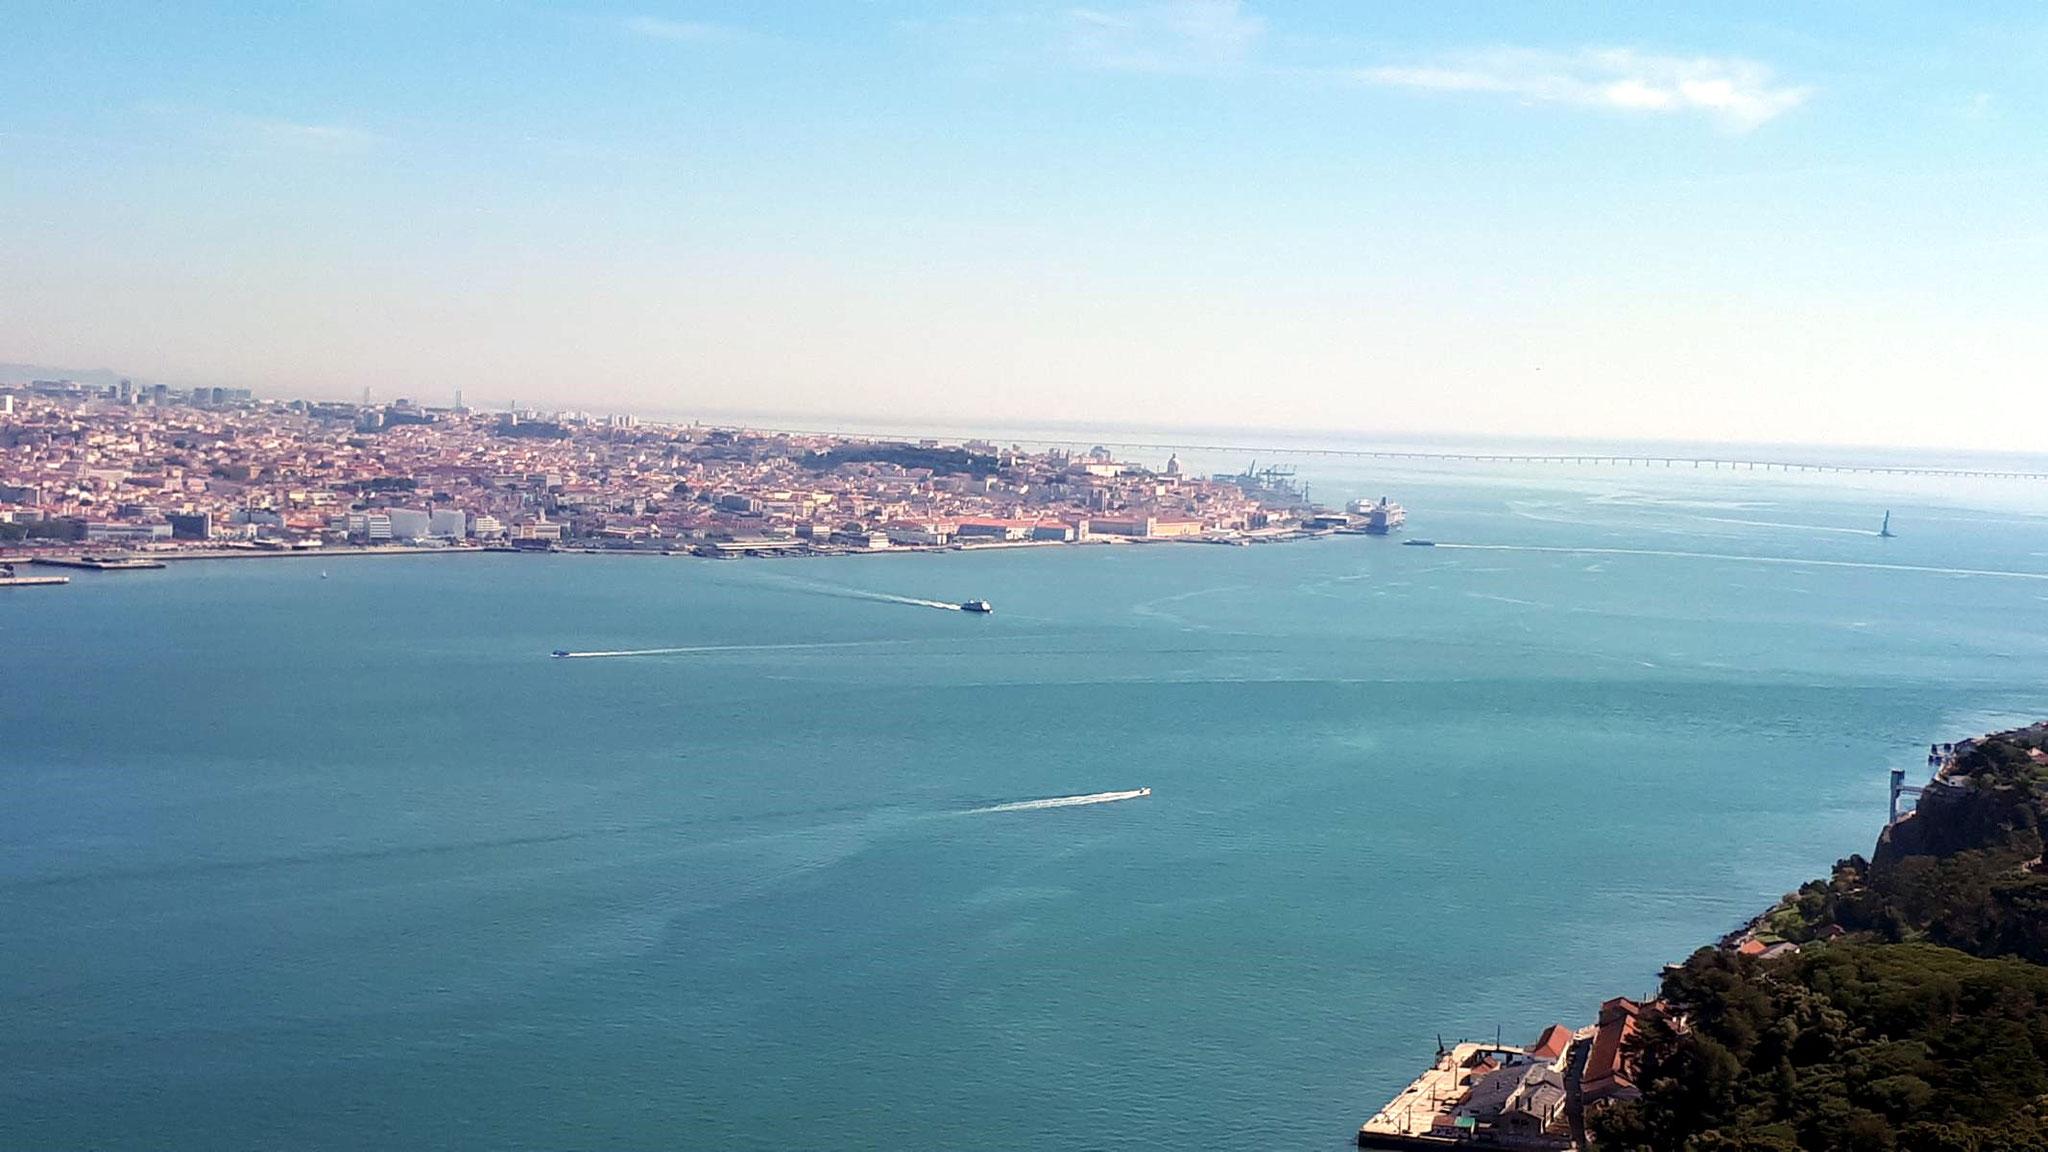 Blick nach Westen bis zur Brücke Ponto Vasco da Gama